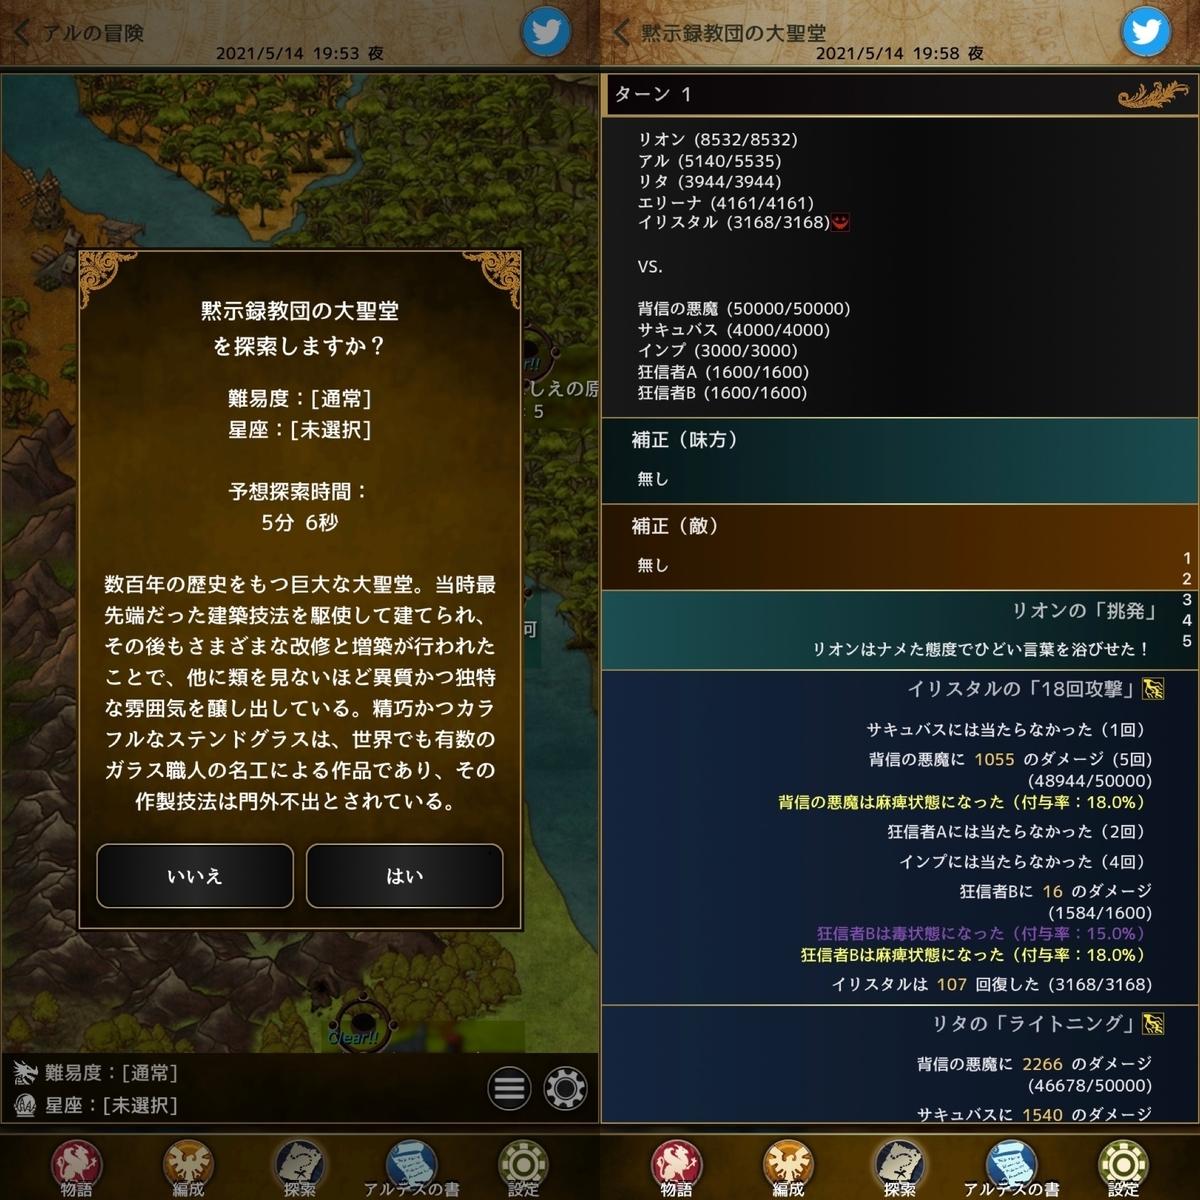 f:id:asamushi:20210519104346j:plain